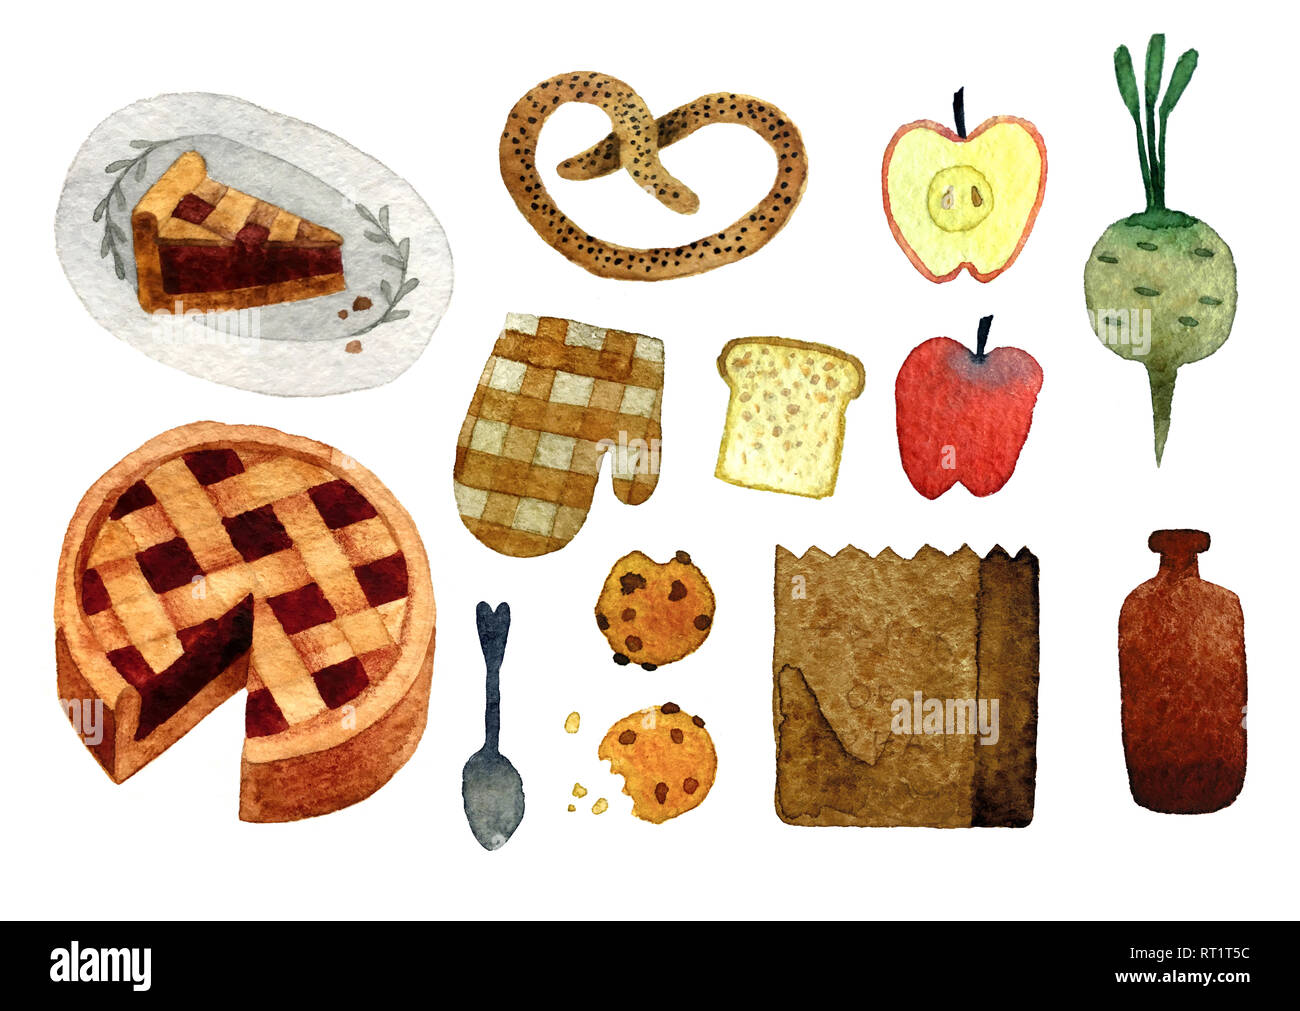 Conjunto de objetos dibujados a mano acuarela aislado sobre fondo blanco para el patrón, invitación, postal, textiles, tejidos. Imagen De Stock